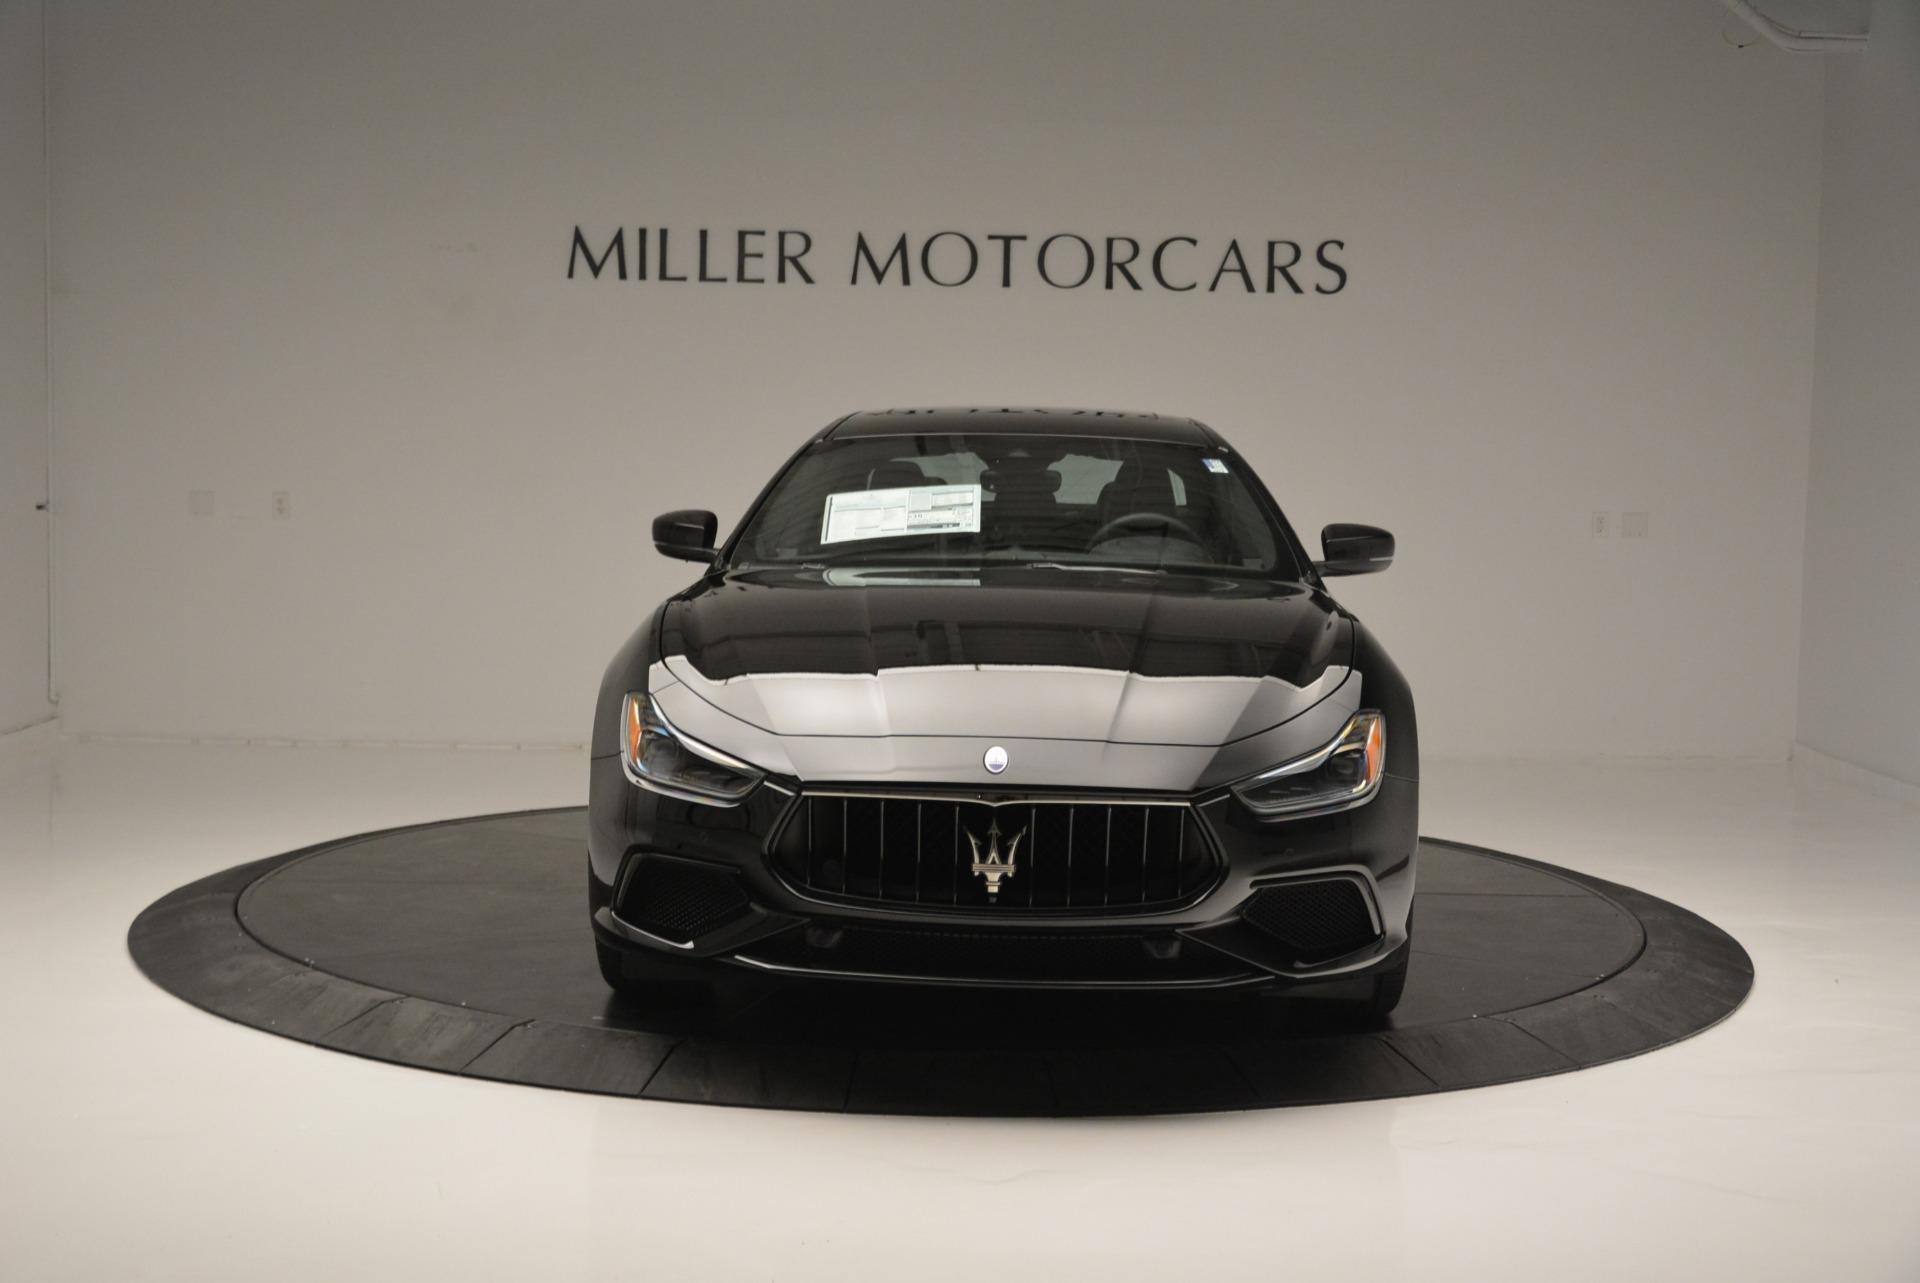 New 2018 Maserati Ghibli SQ4 GranSport Nerissimo For Sale In Greenwich, CT 2278_p12